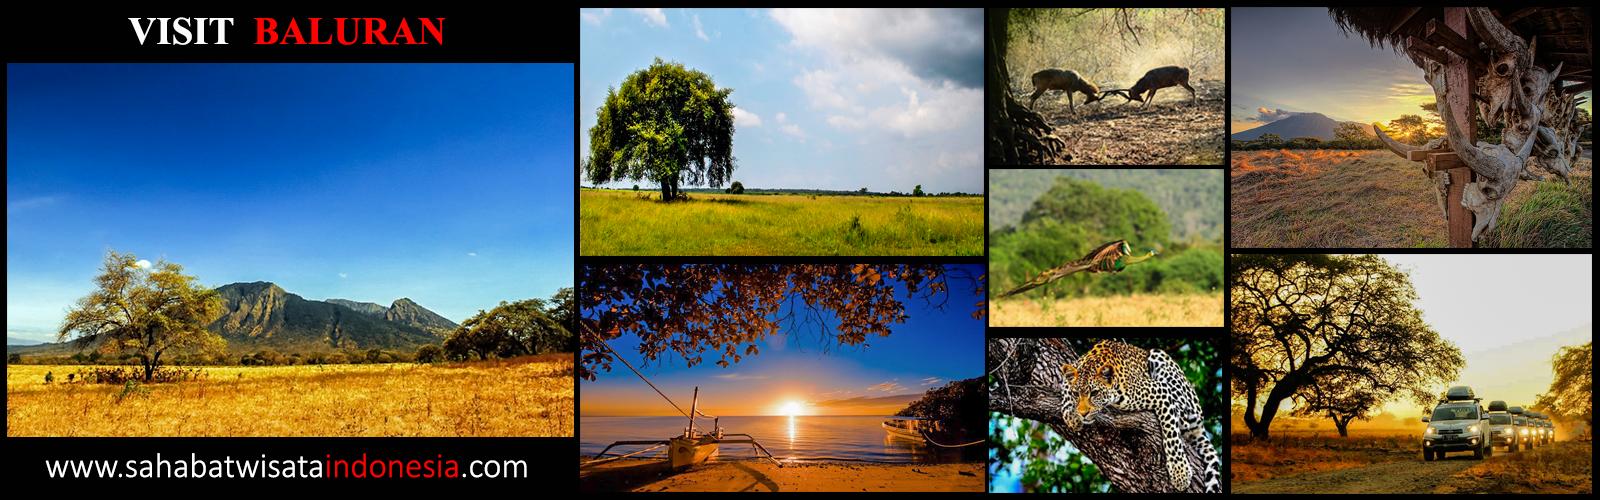 Taman Nasional Baluran Kab Banyuwangi